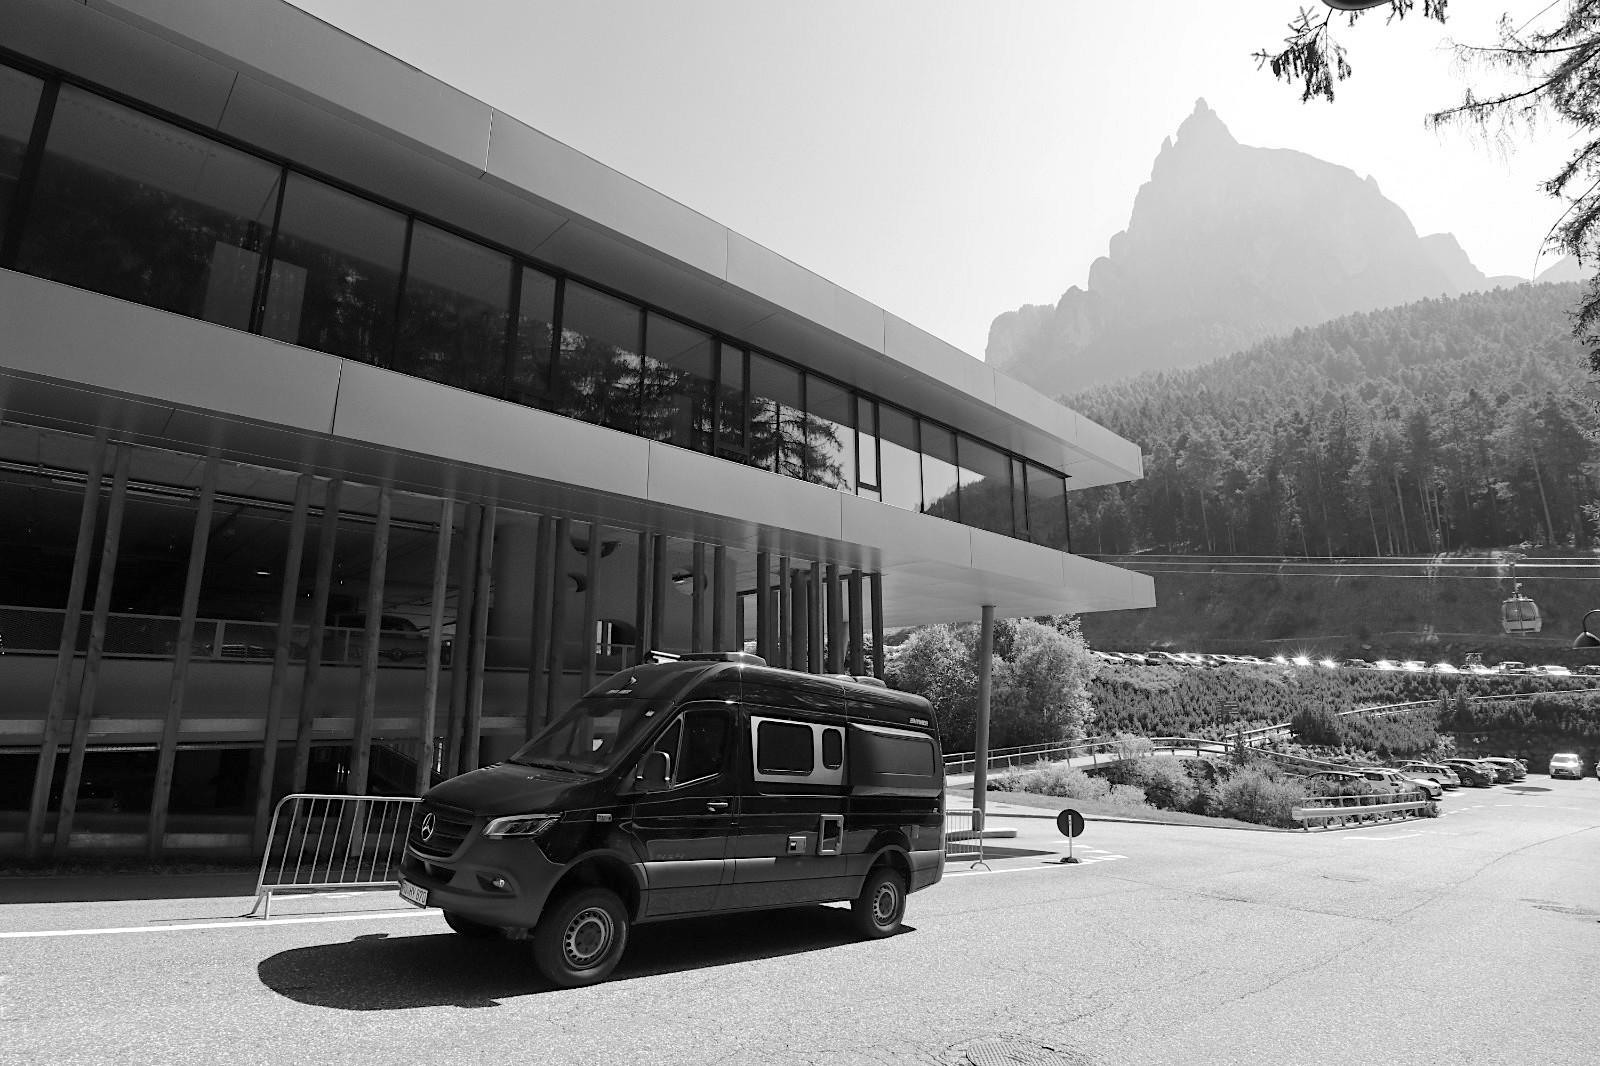 Parkhaus an der Talstation Seiser Alm Bahn. Entwurf: Lukas Burgauner. Fertigstellung: 2013. Unweit der Talstation hat Burgauner zudem einen Neubau geschaffen, der Parkhaus sowie Firmensitz eines Busunternehmens ist mit Werkstatt, Waschstraße, Büros und Unterkünften für Angestellte.